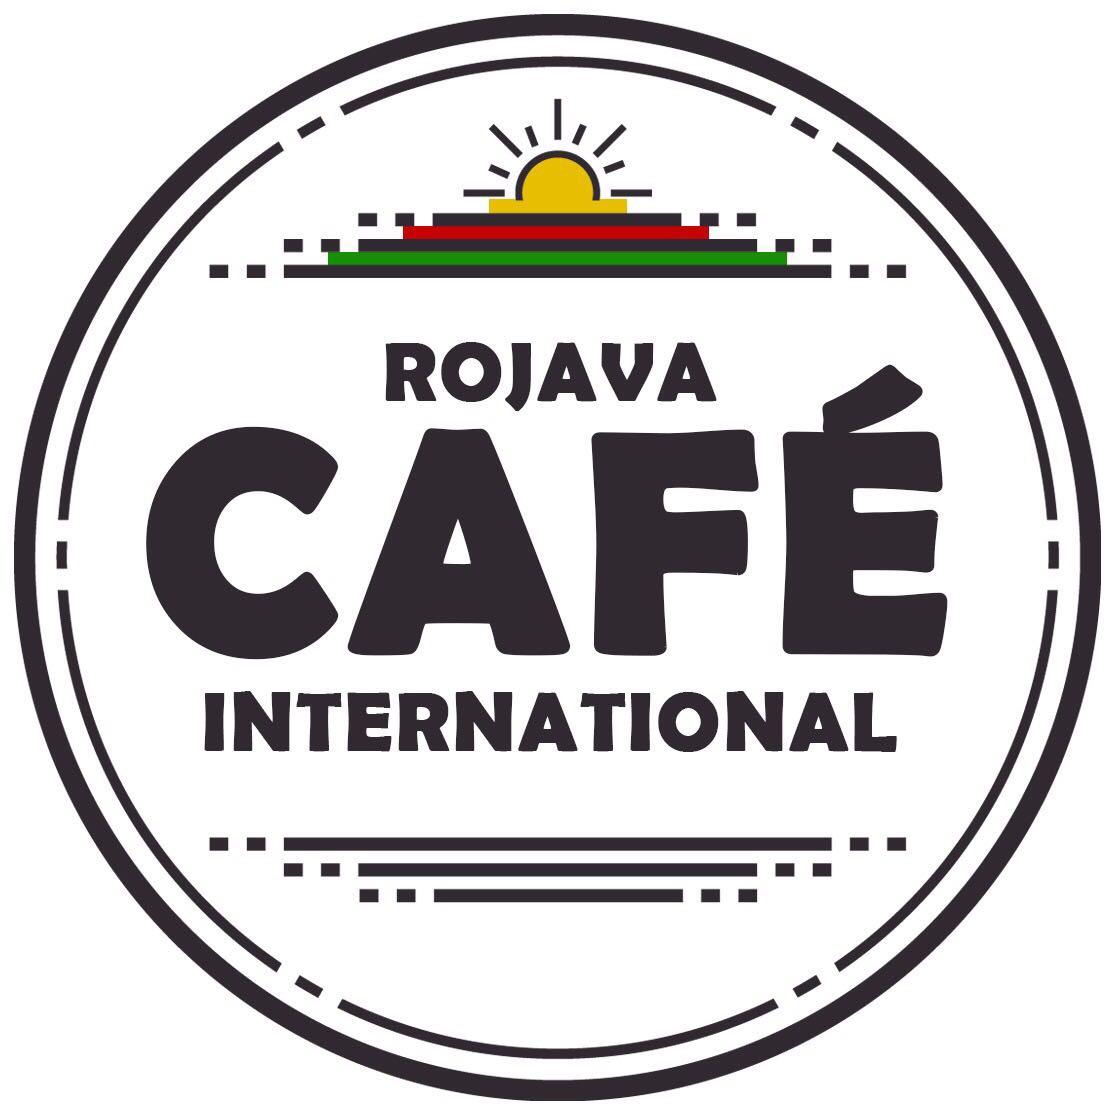 Café Rojava - international Hannover NAV-DEM Dezember 2018